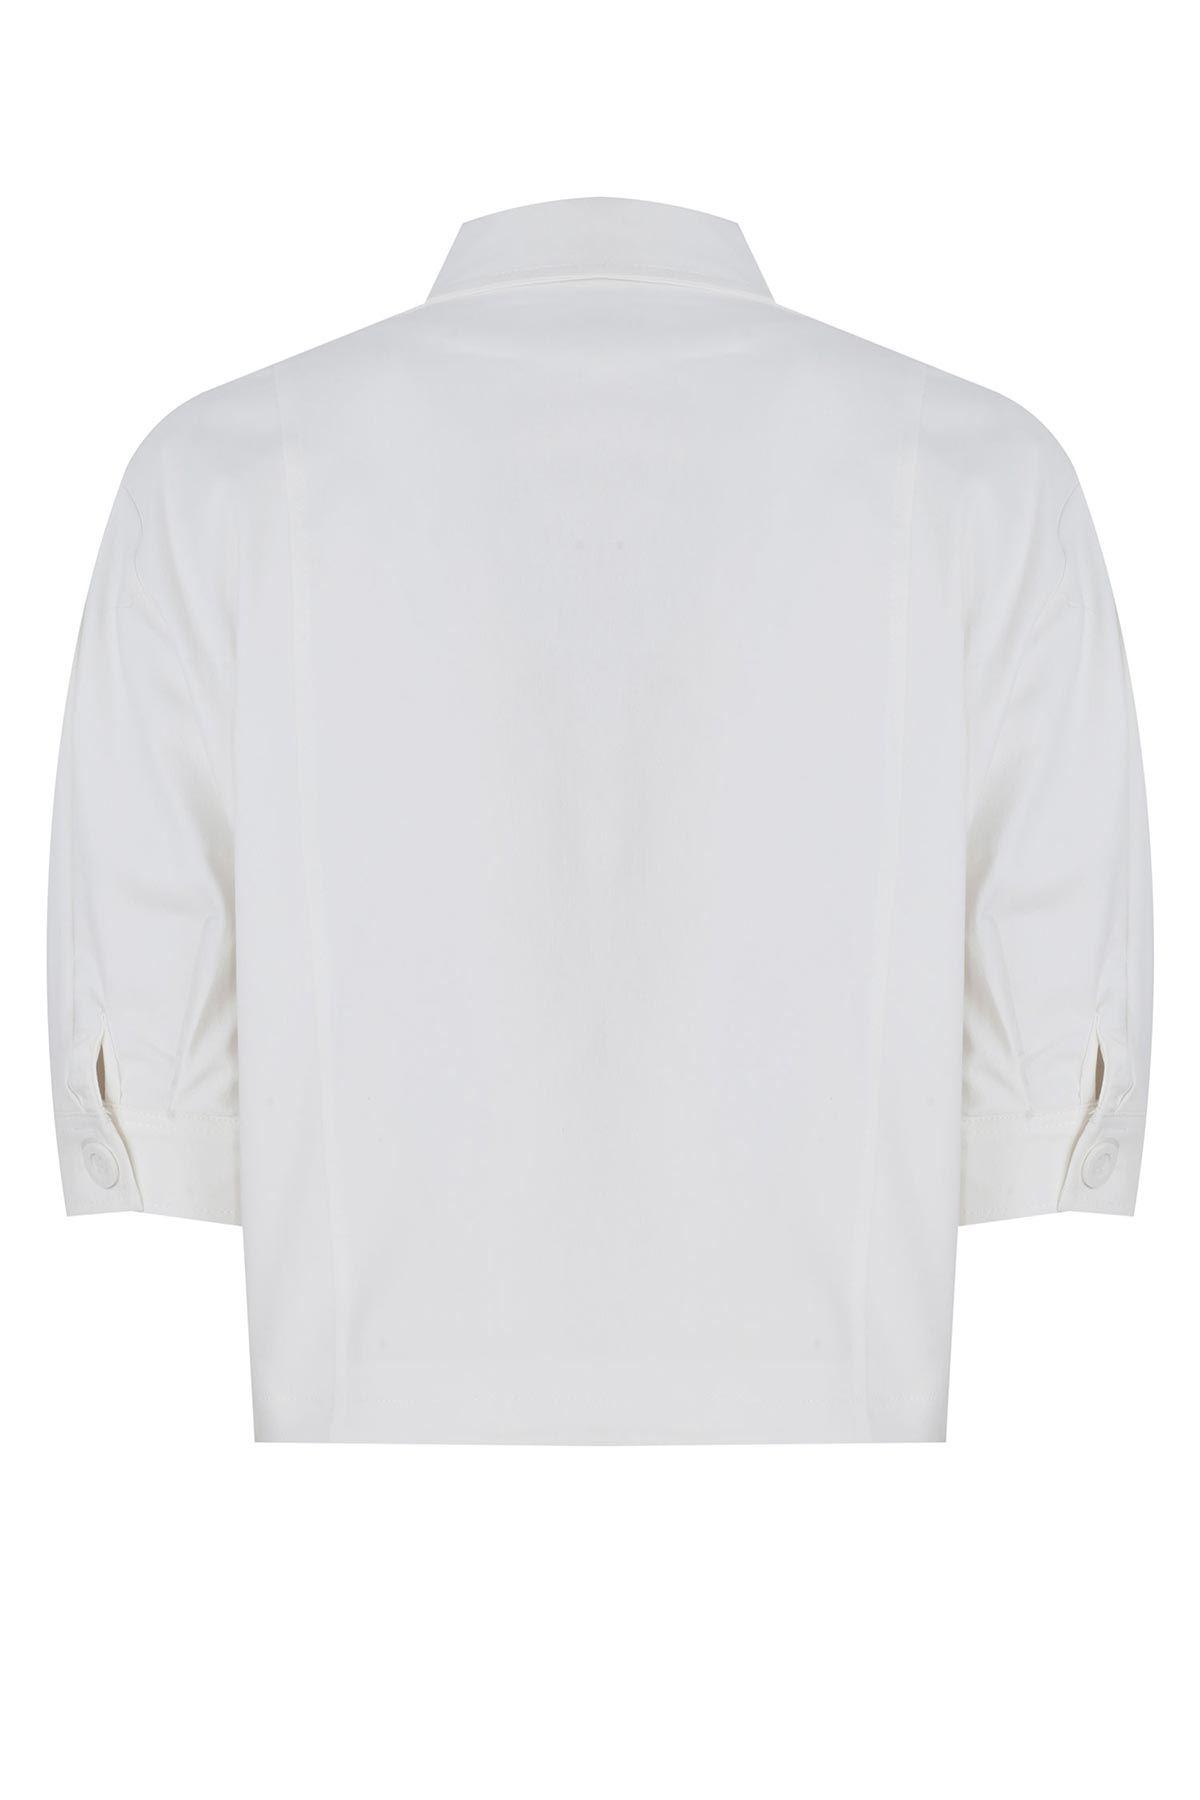 Pileli kollu mini ceket Beyaz